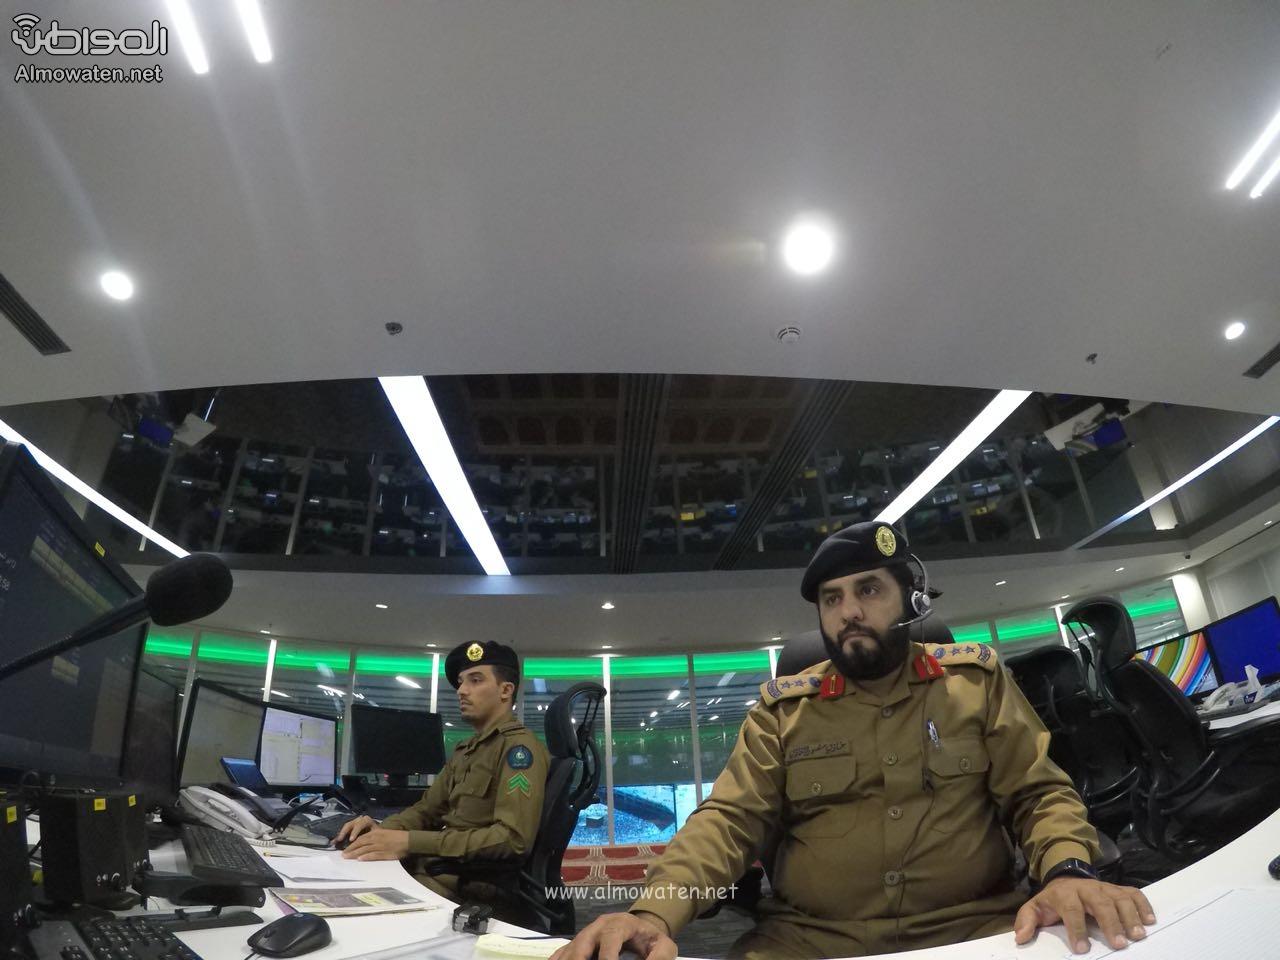 مركز العمليات الأمنية 911 11